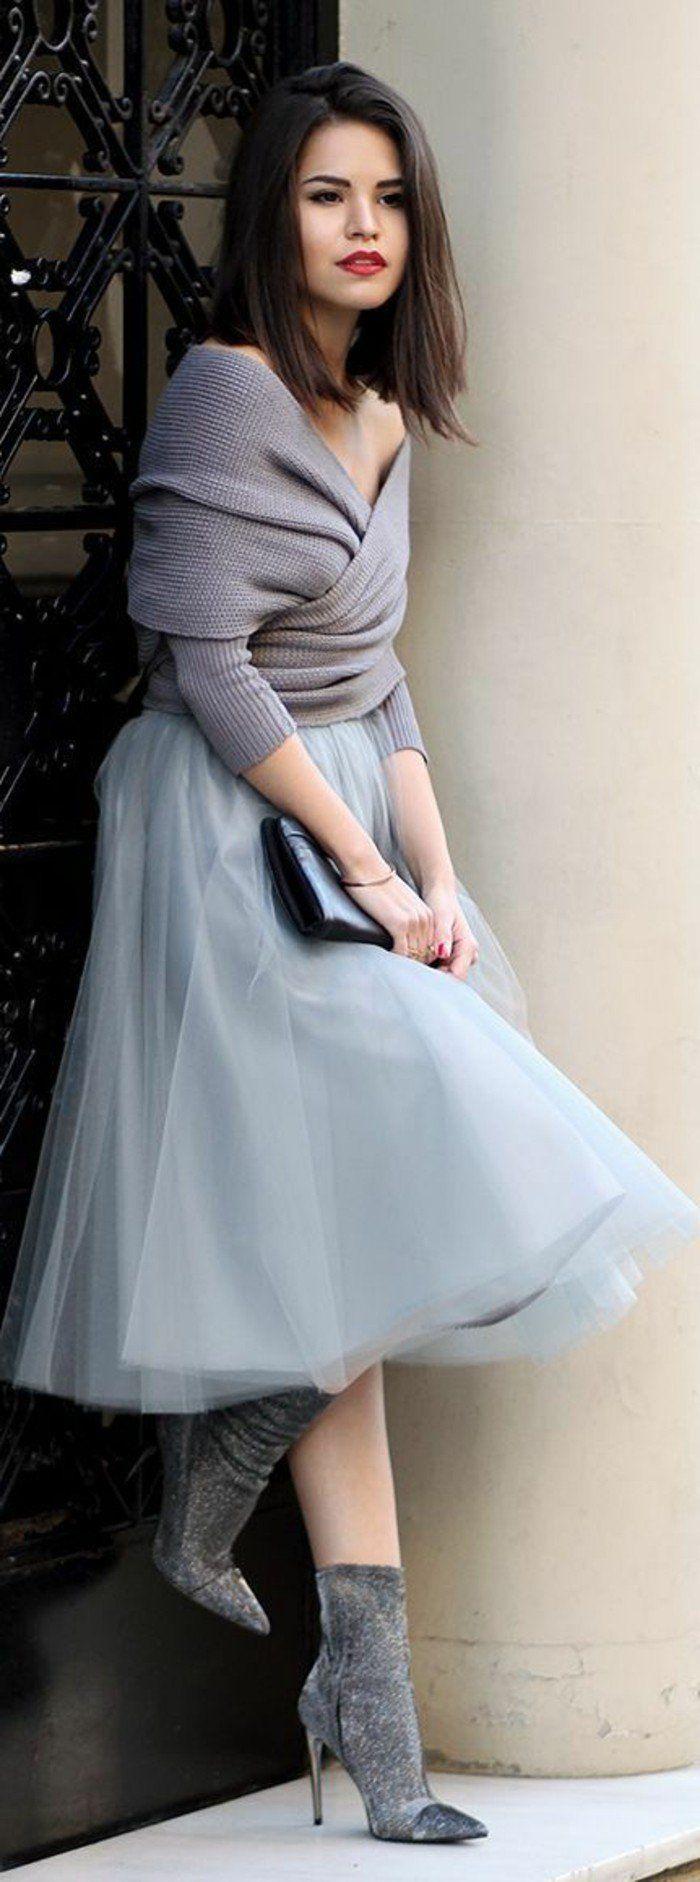 jupe tutu, bottes hautes en grisn blouse grise coquette